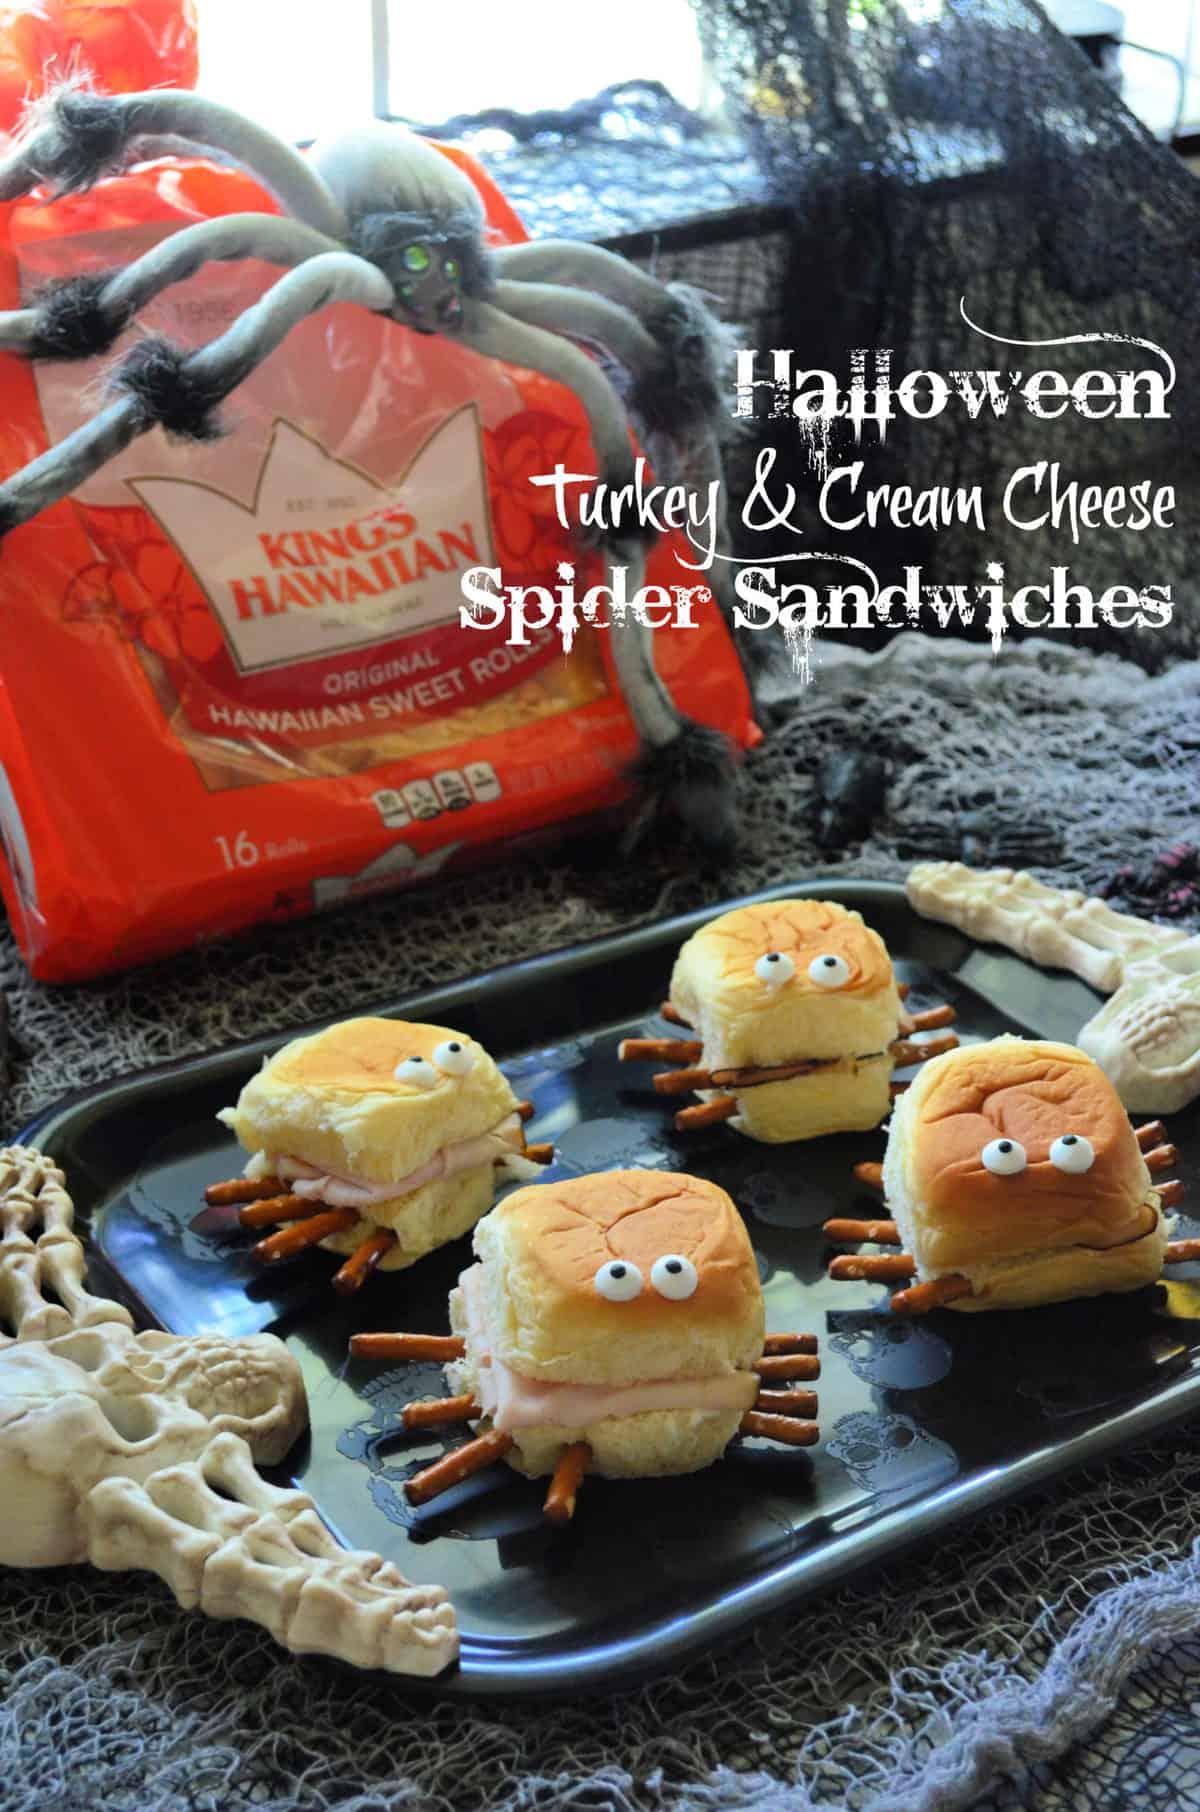 Halloween Turkey & Cream Cheese Spider Sandwiches